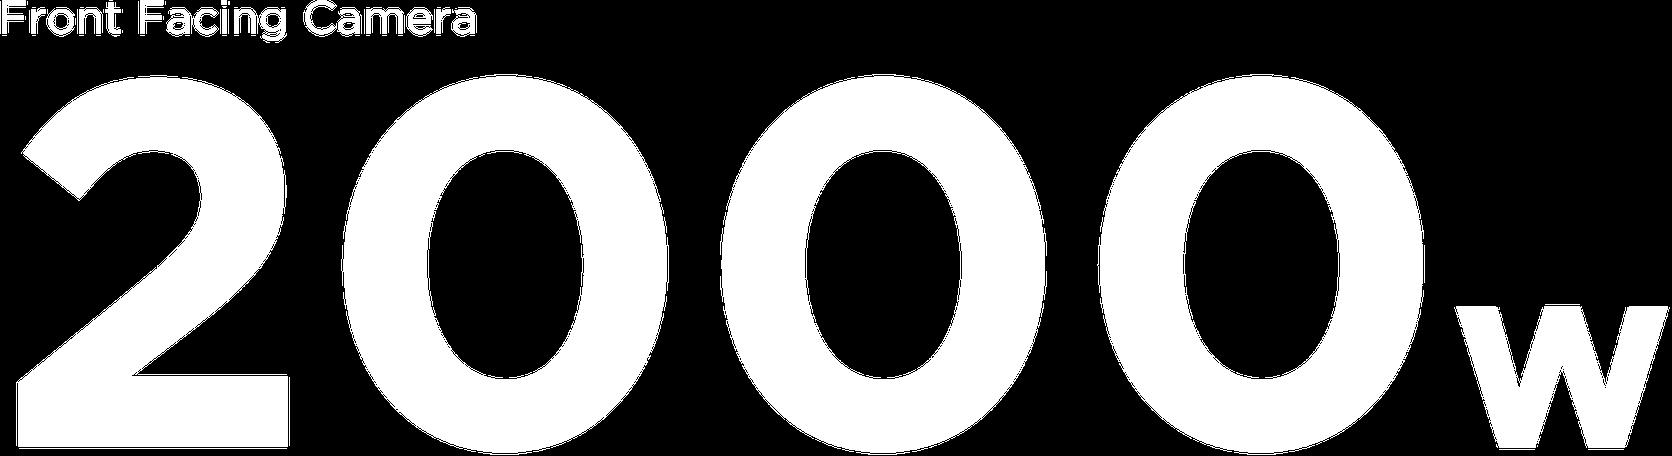 vivo x9i - vivo智能手机官方网站